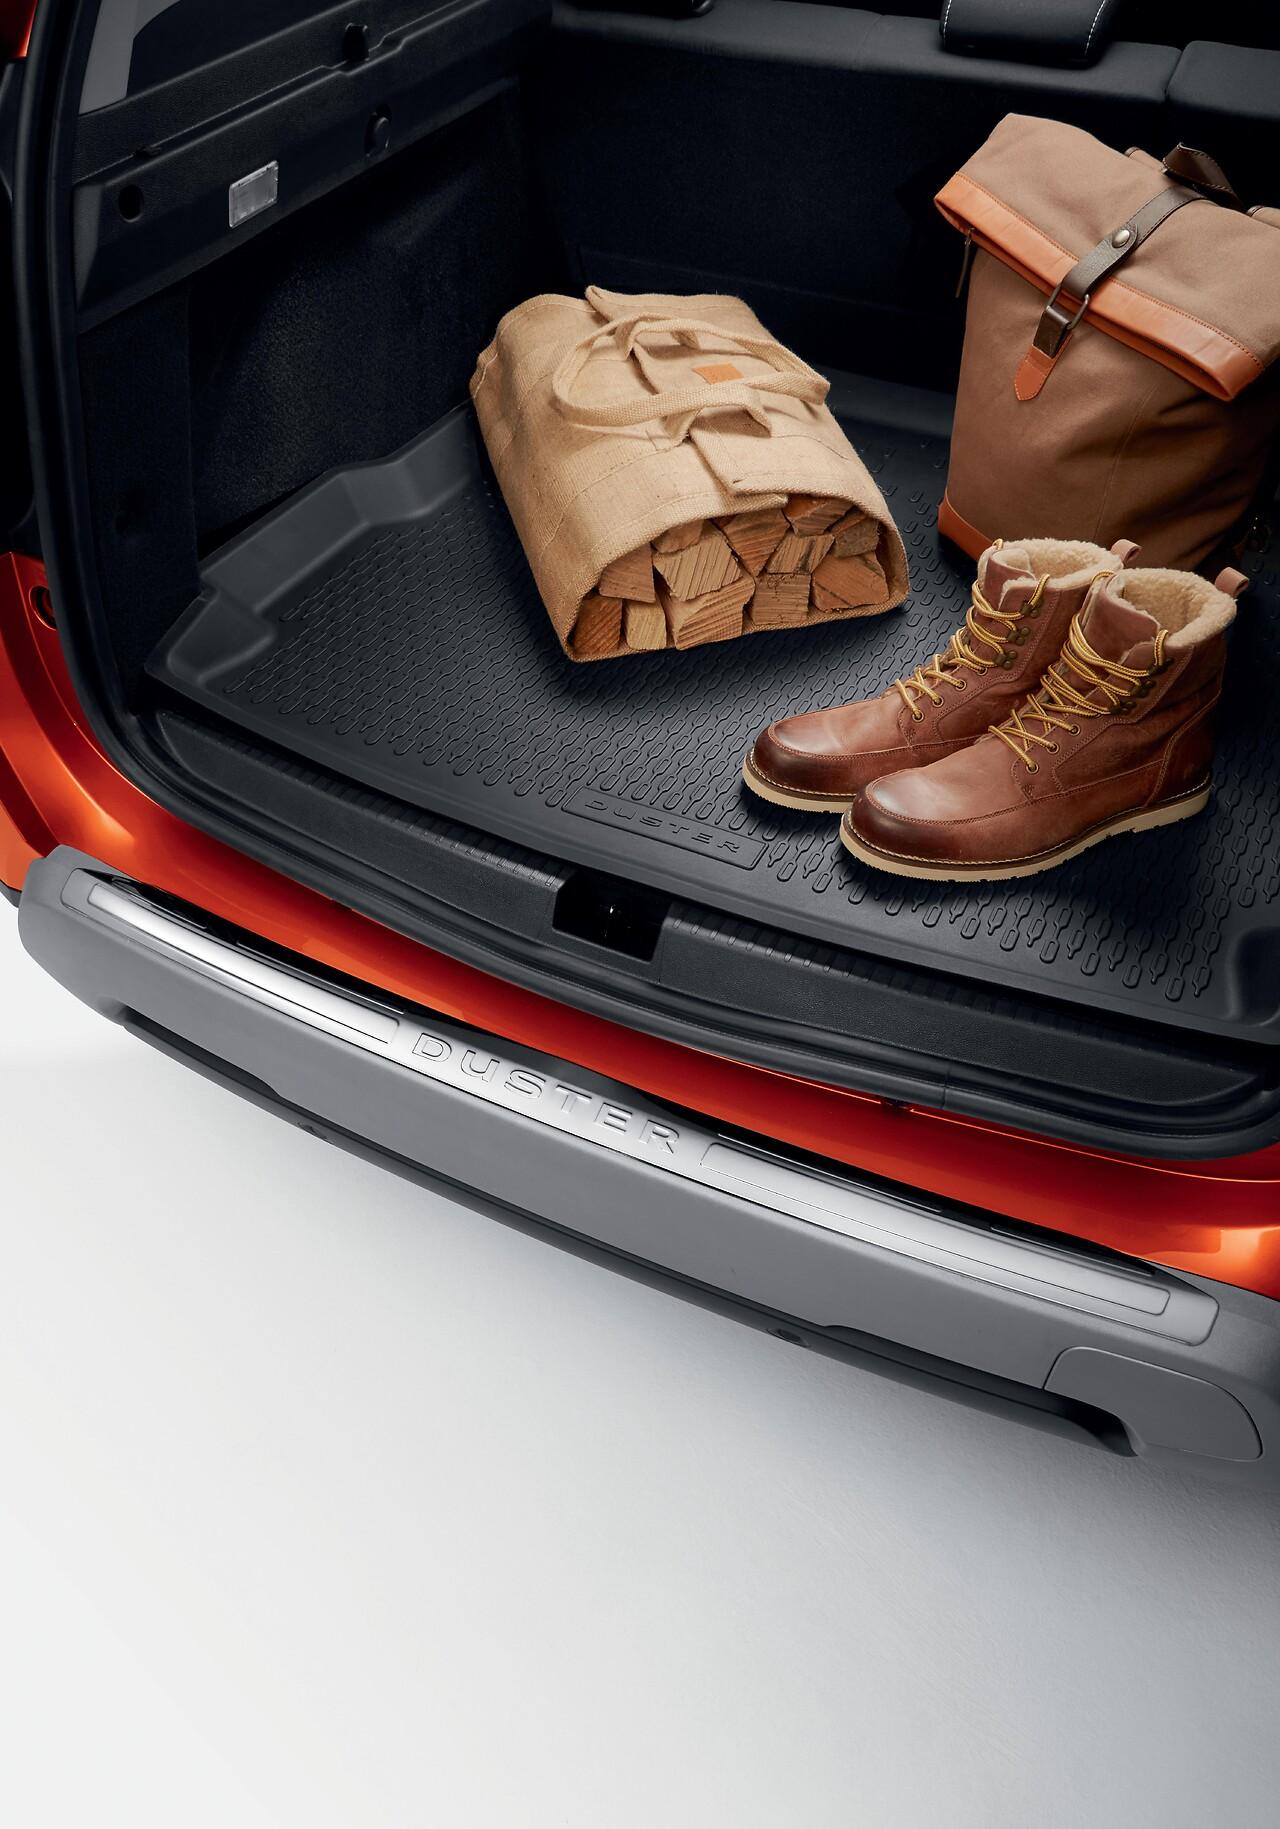 Tava portbagaj pentru versiunea 4x4